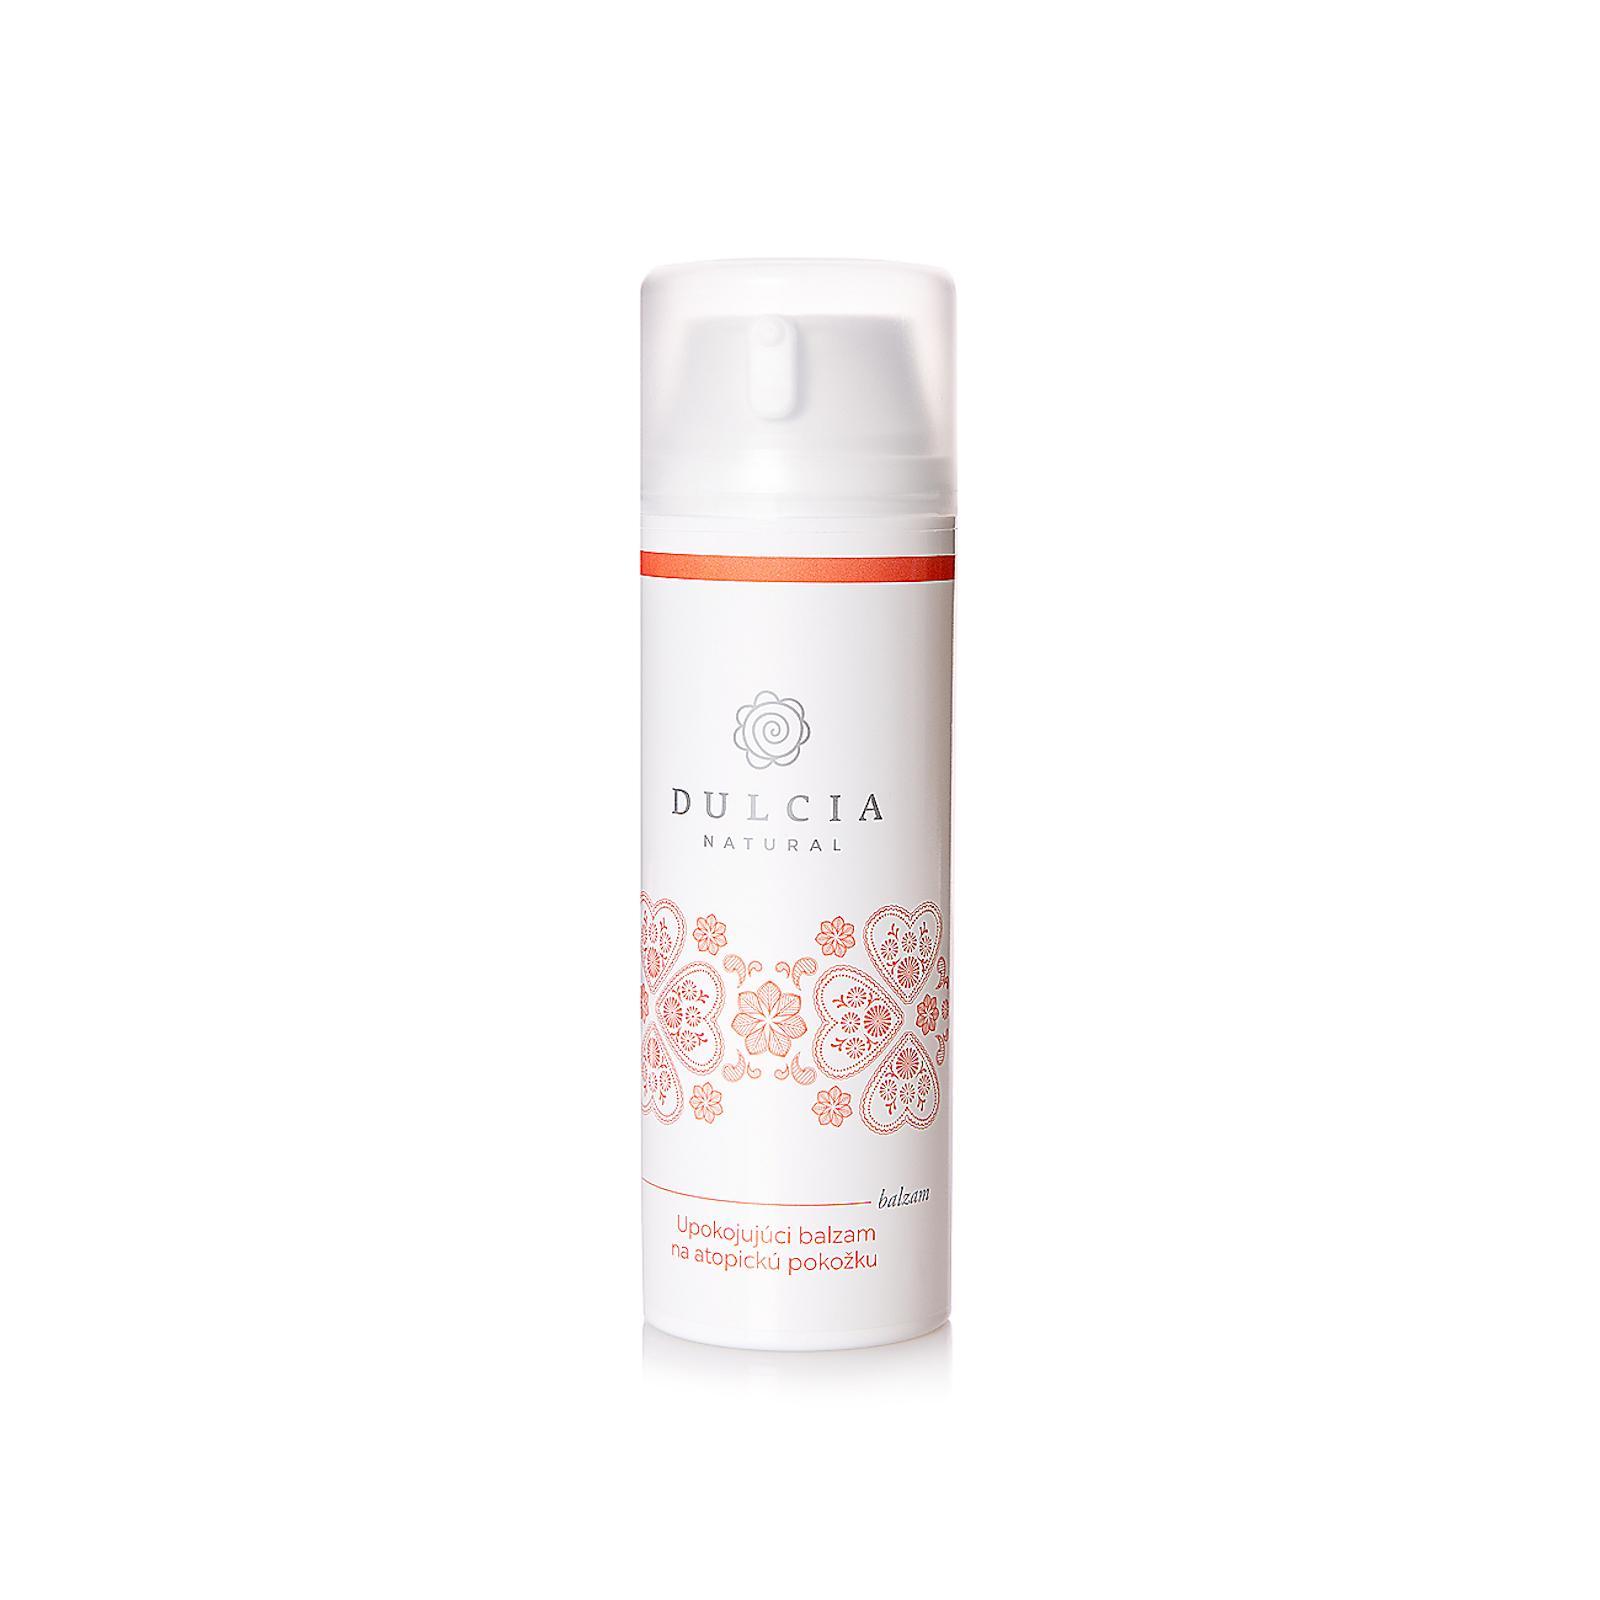 DULCIA natural Zklidňující balzám na atopickou pokožku 150 ml